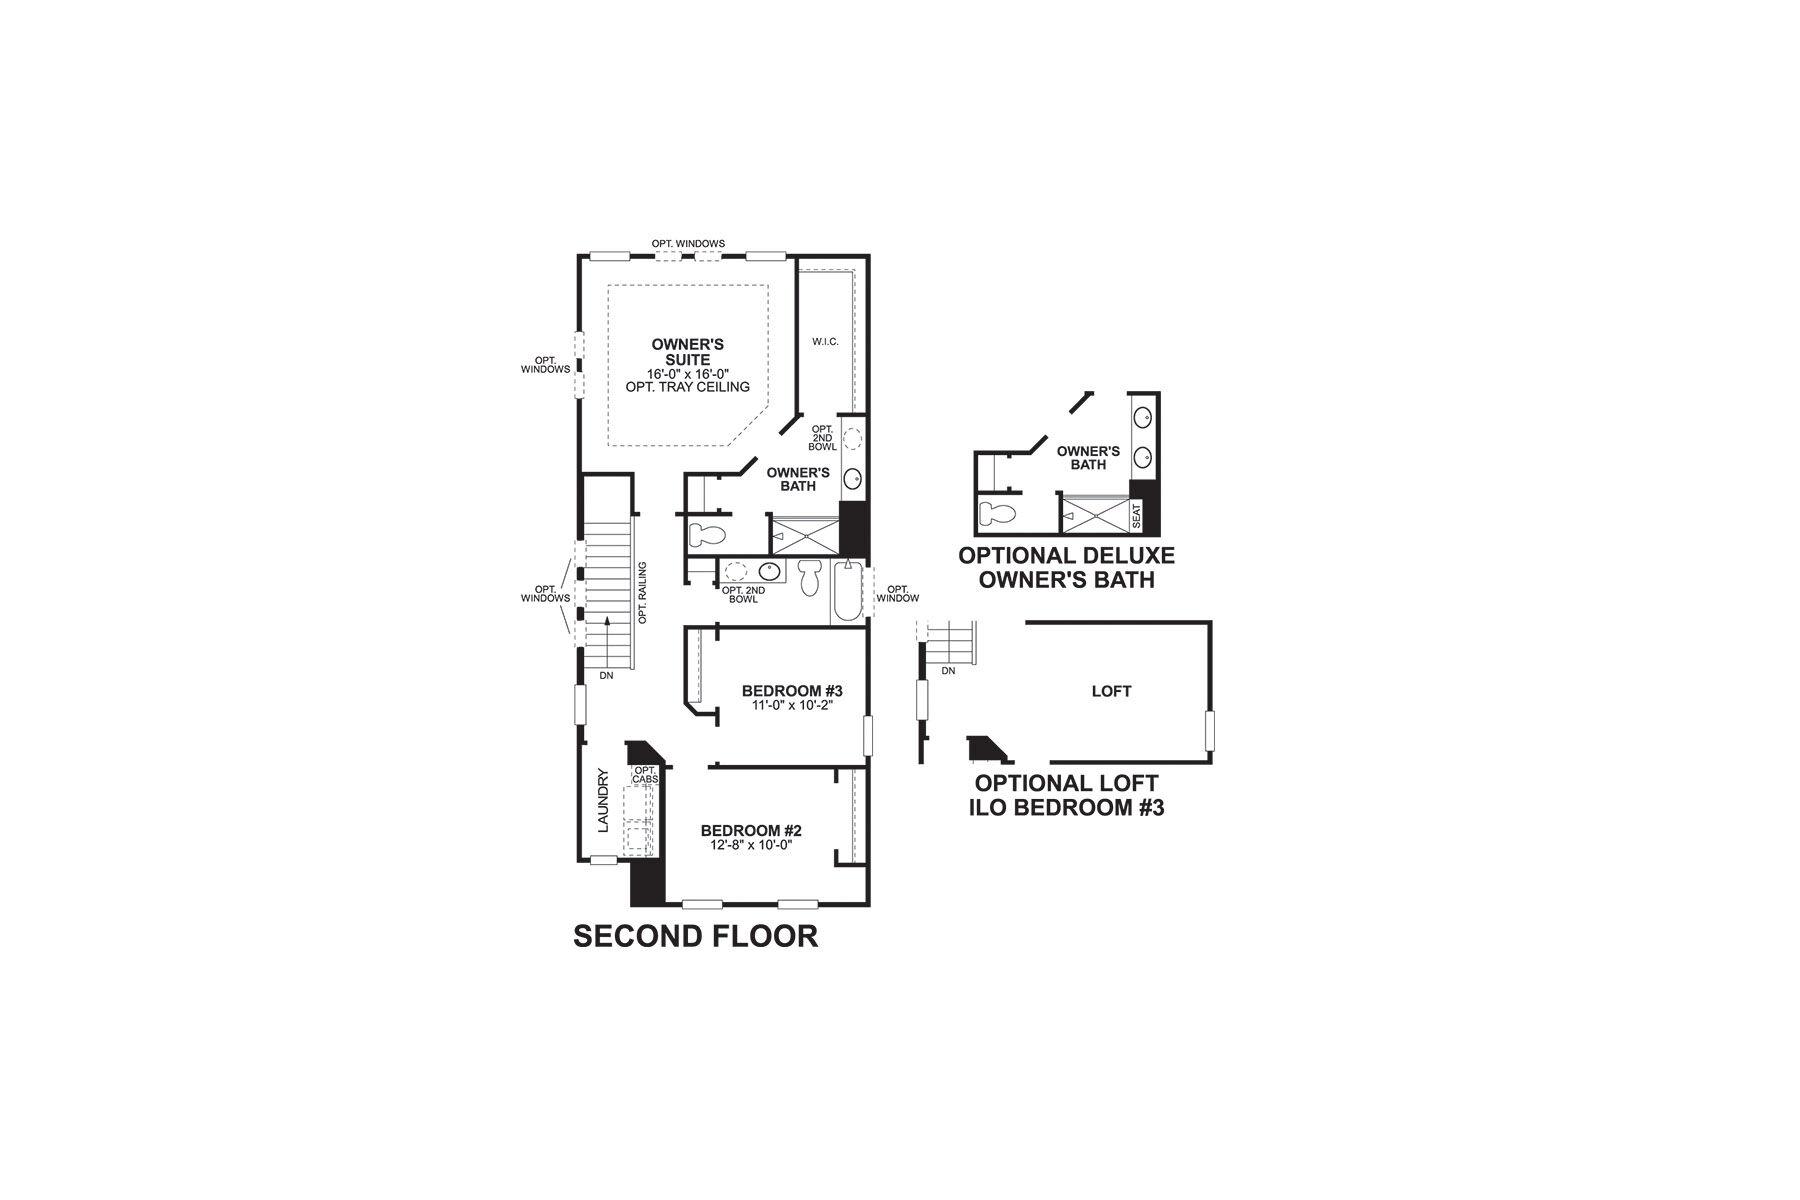 R2050 Second Floor